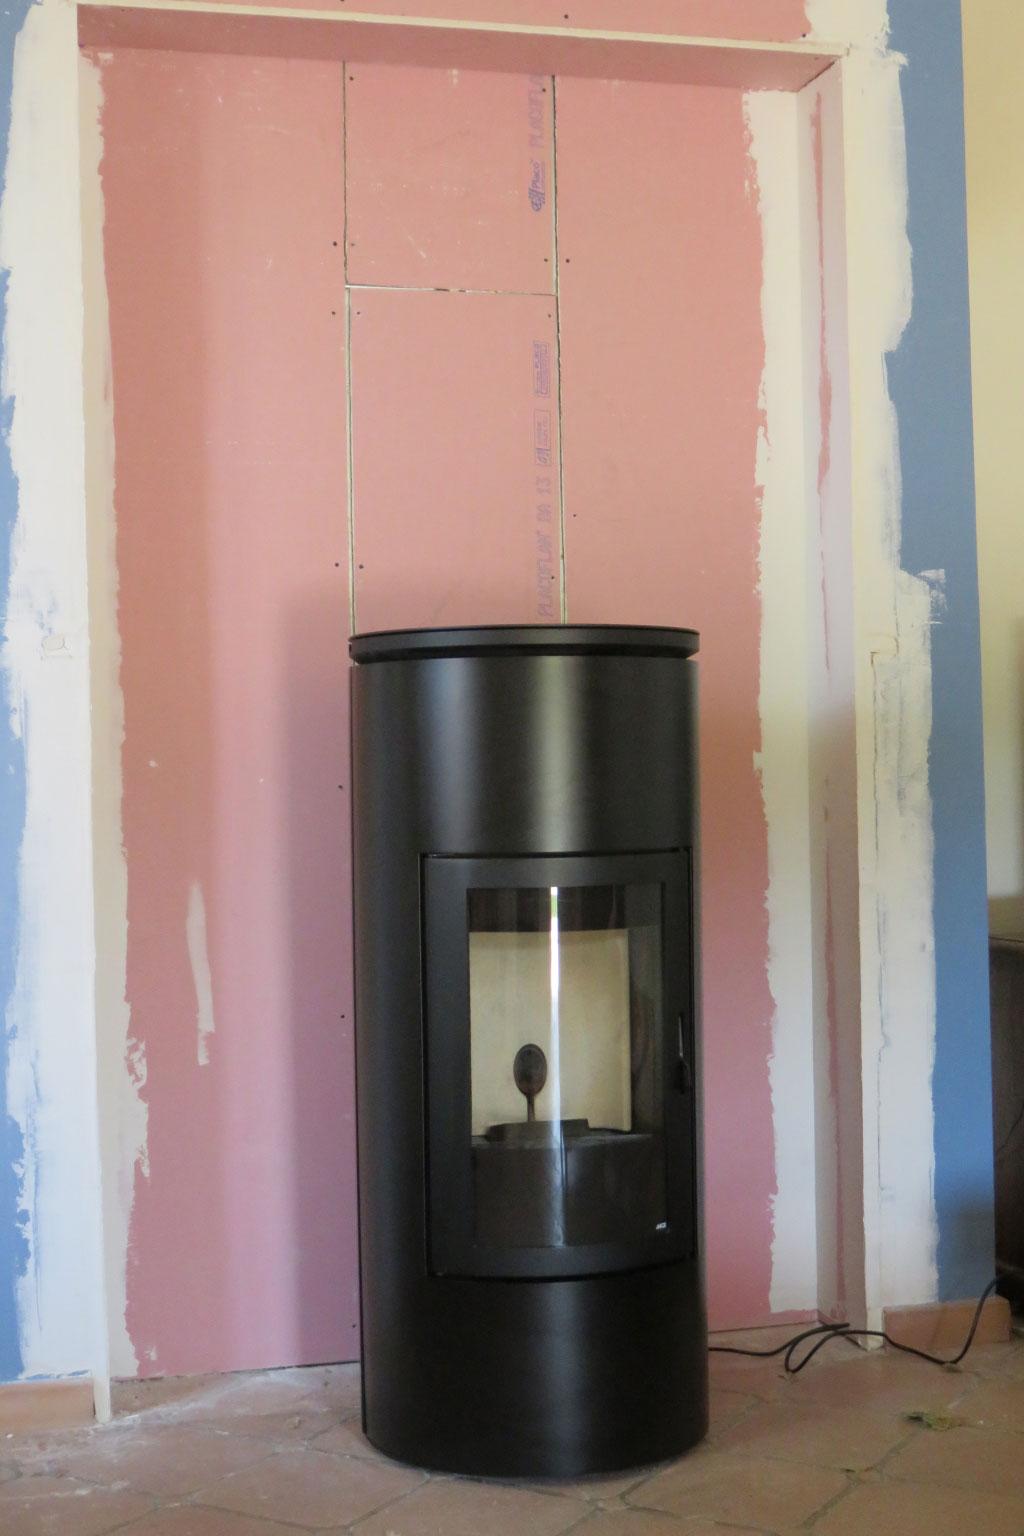 artisan qualibois rge pose po le granul s de bois pellets mcz tube colombier saugnieu 69. Black Bedroom Furniture Sets. Home Design Ideas